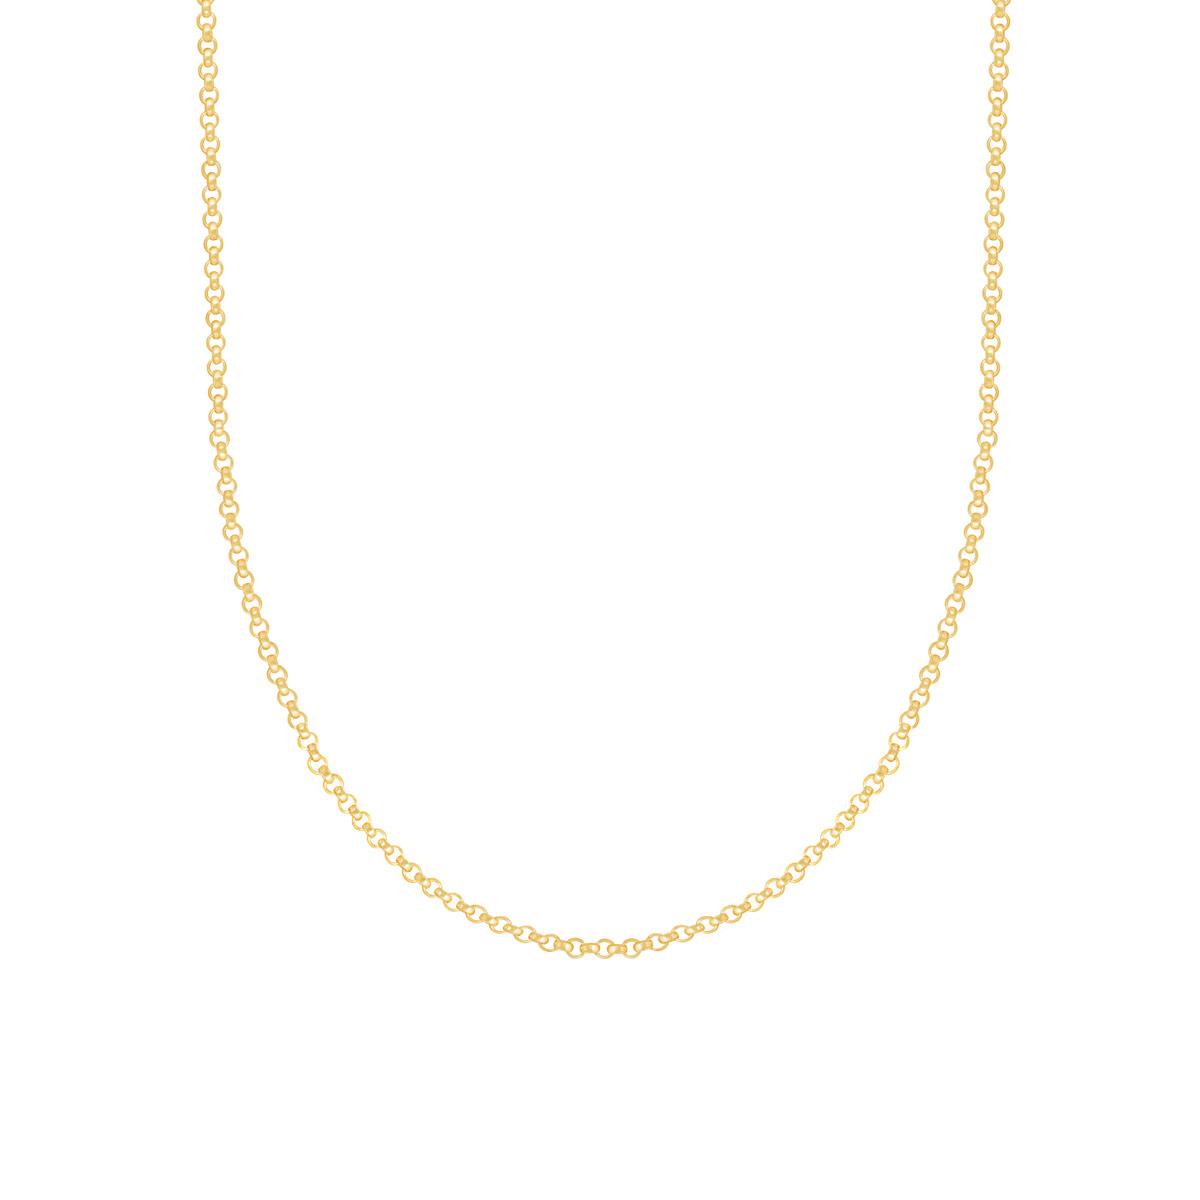 زنجیر گردنبند طلا رولو متوسط